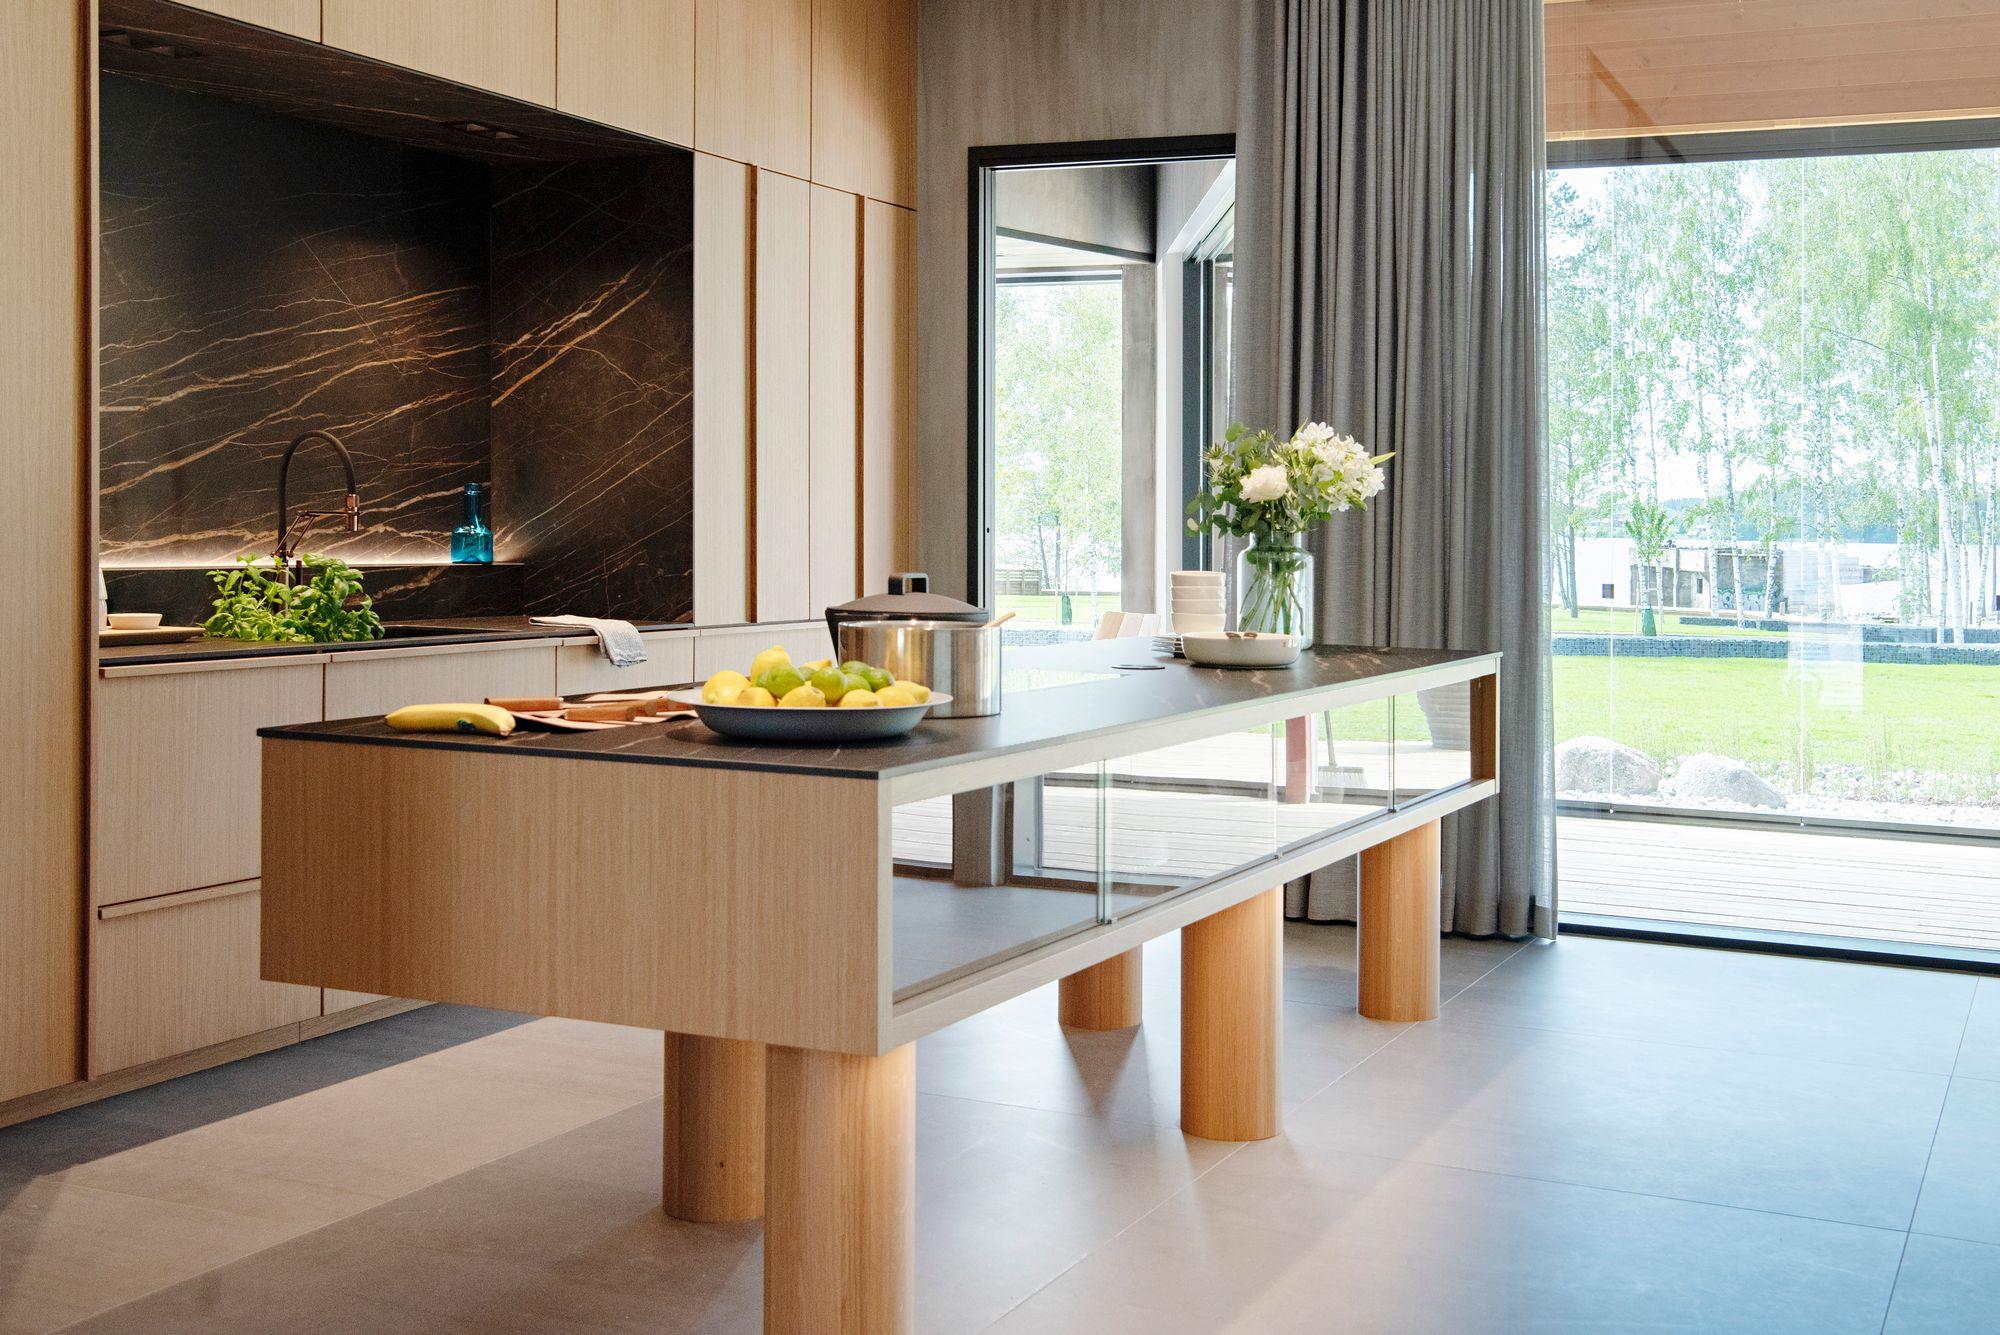 Keittiön tyylikäs saareke tuo lisää työ- ja säilytystilaa. Keittiön on suunnitellut Harri Koskinen. © Susa Junnola